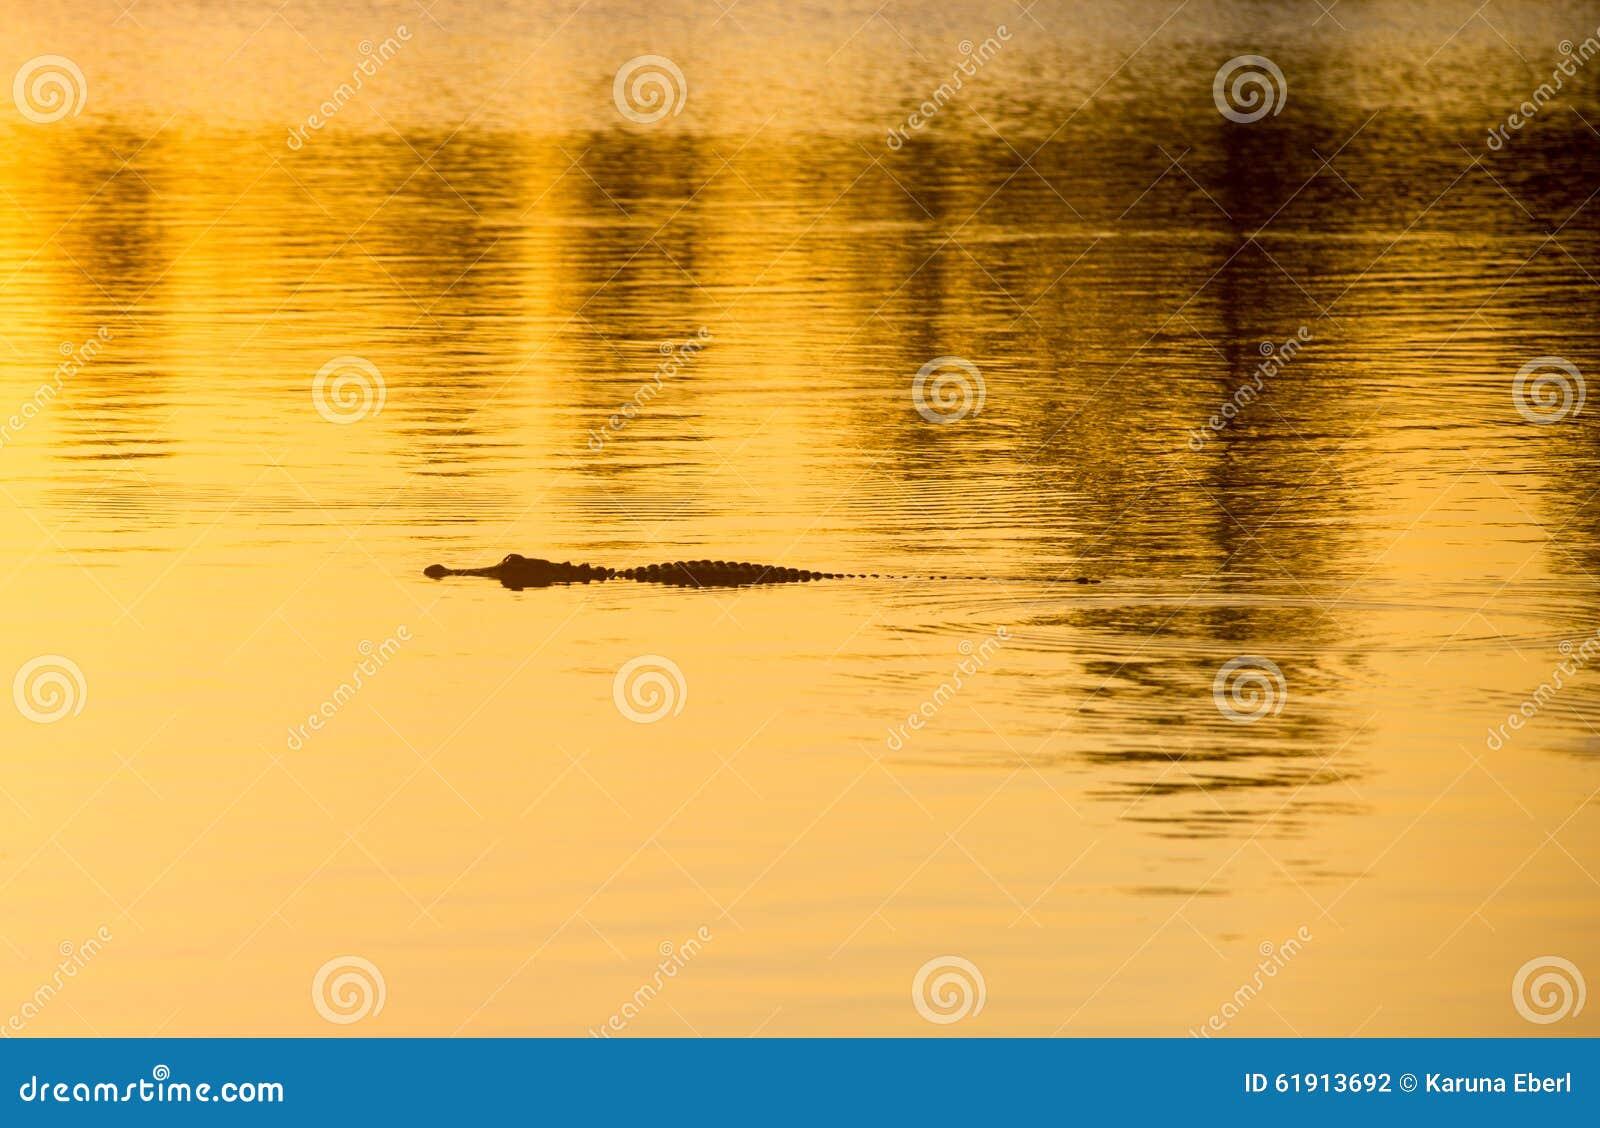 Alligator på solnedgången